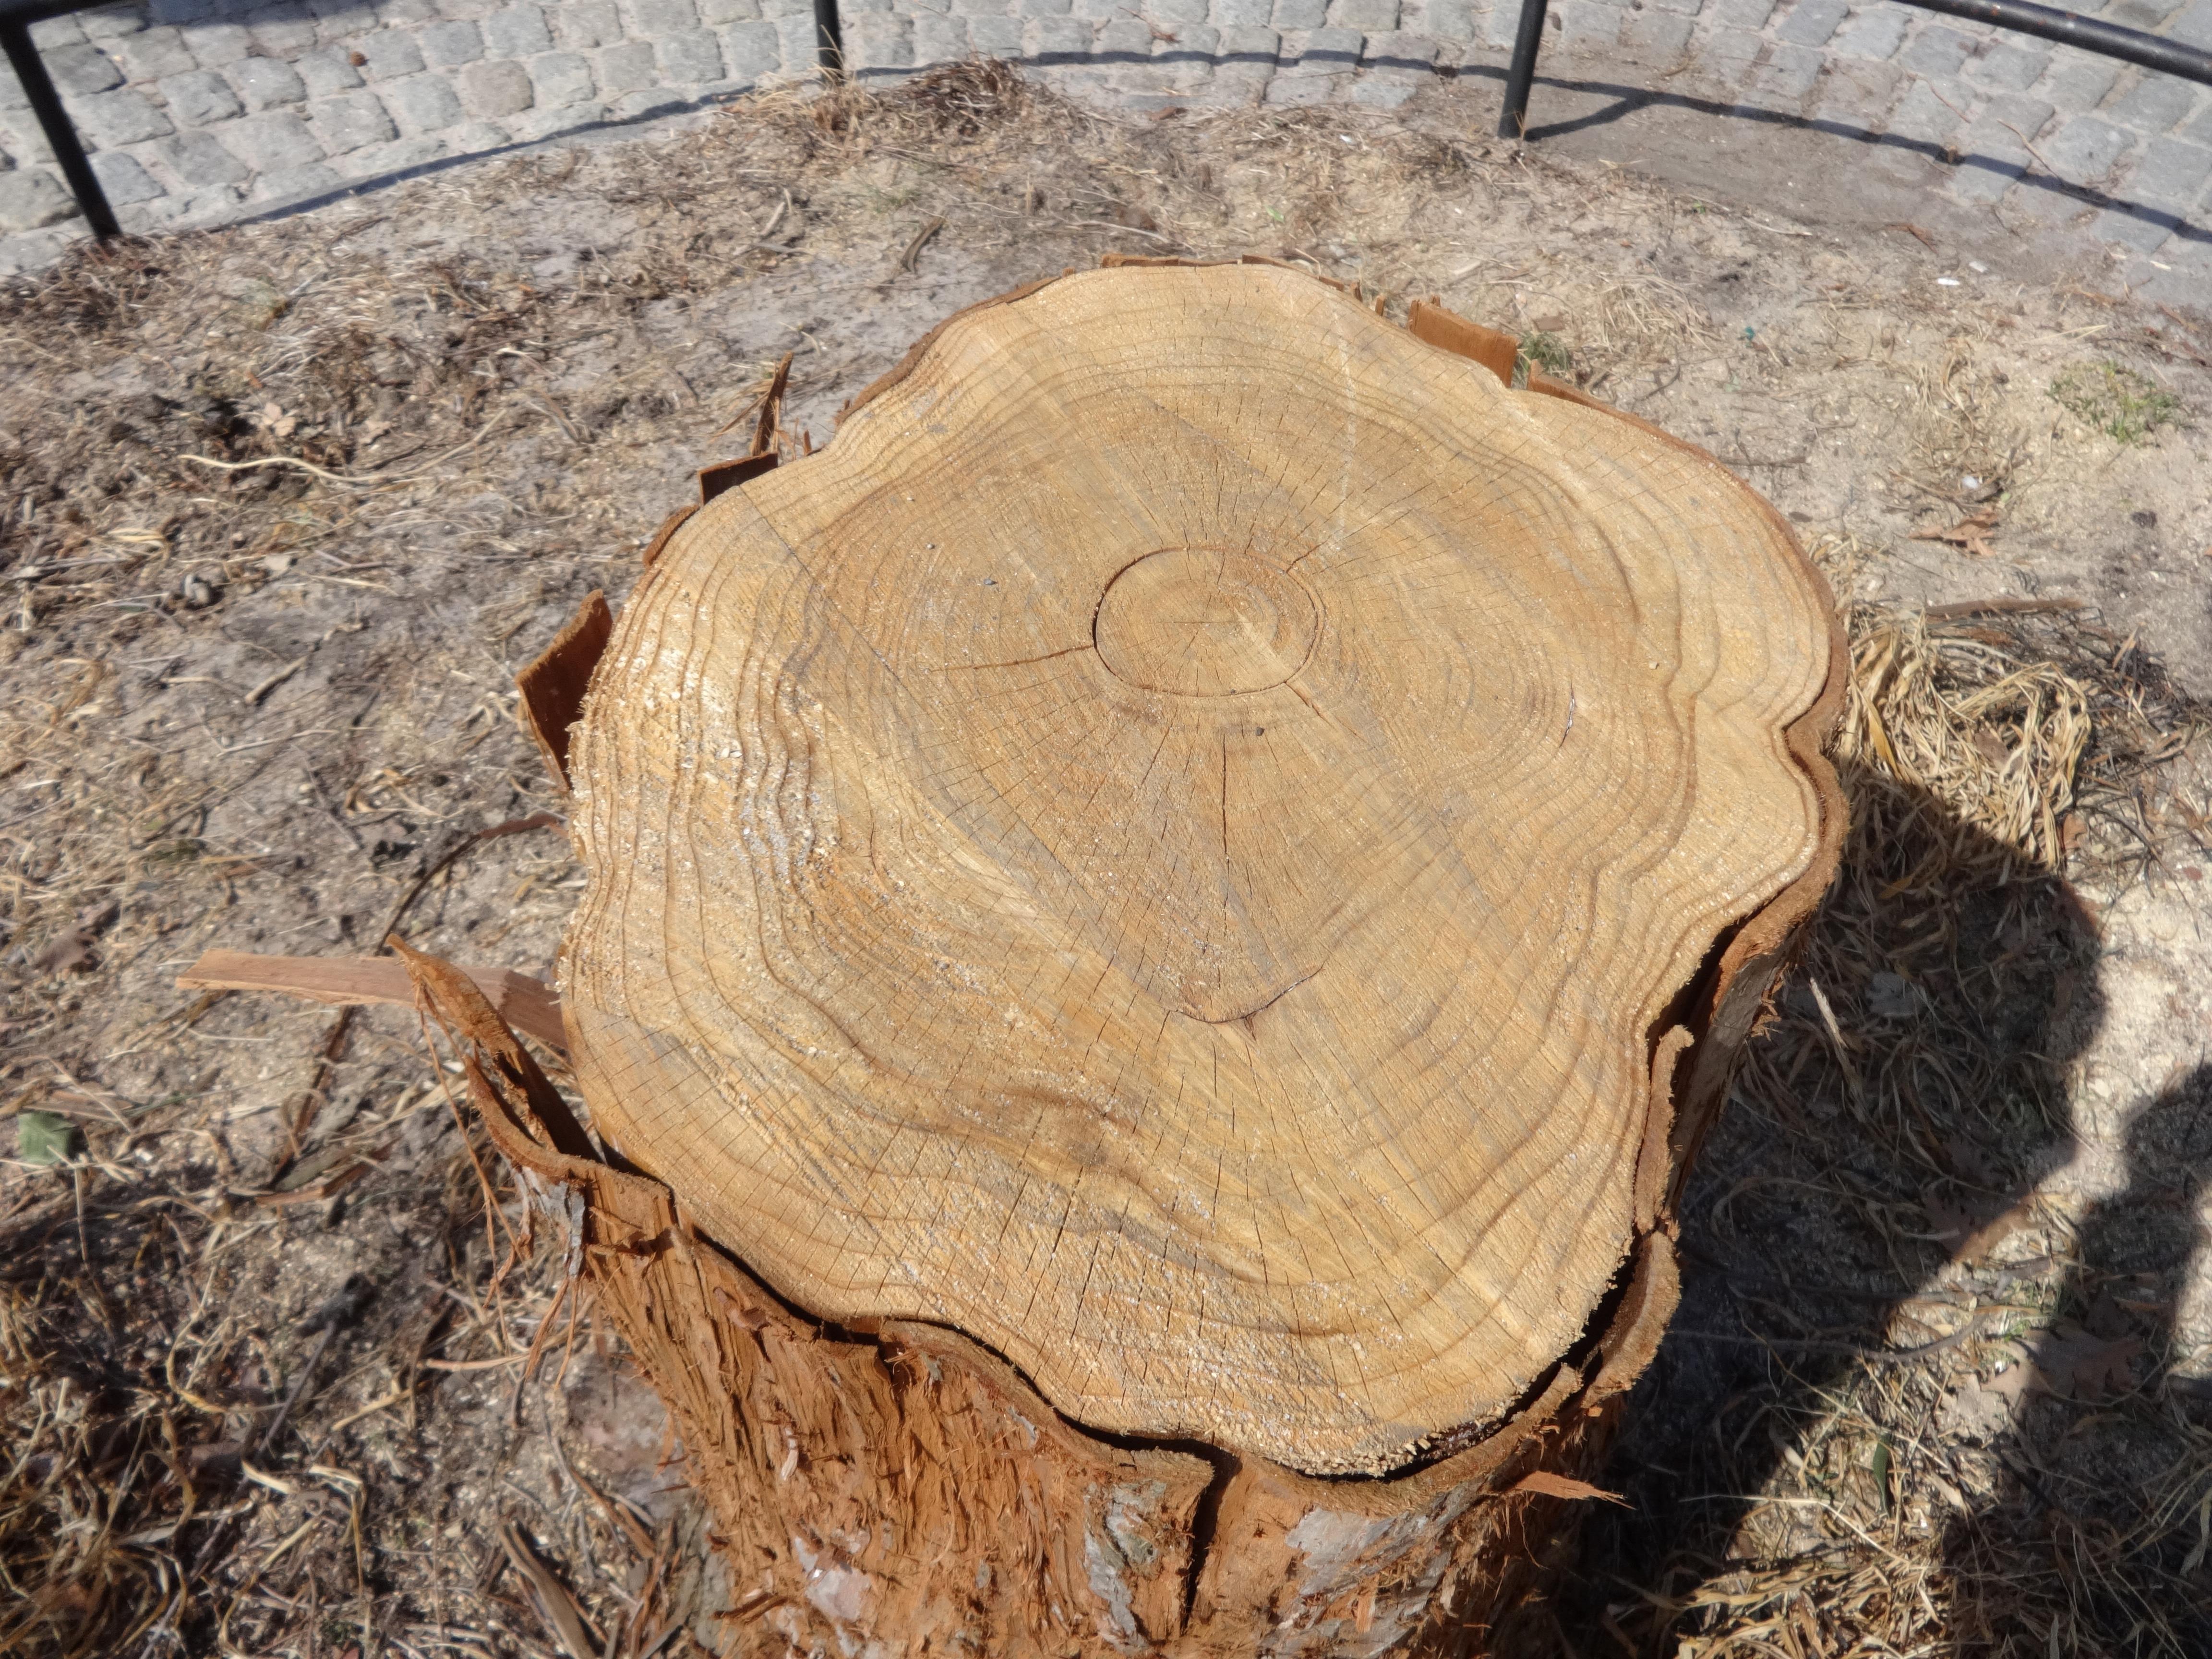 sequoia stump close